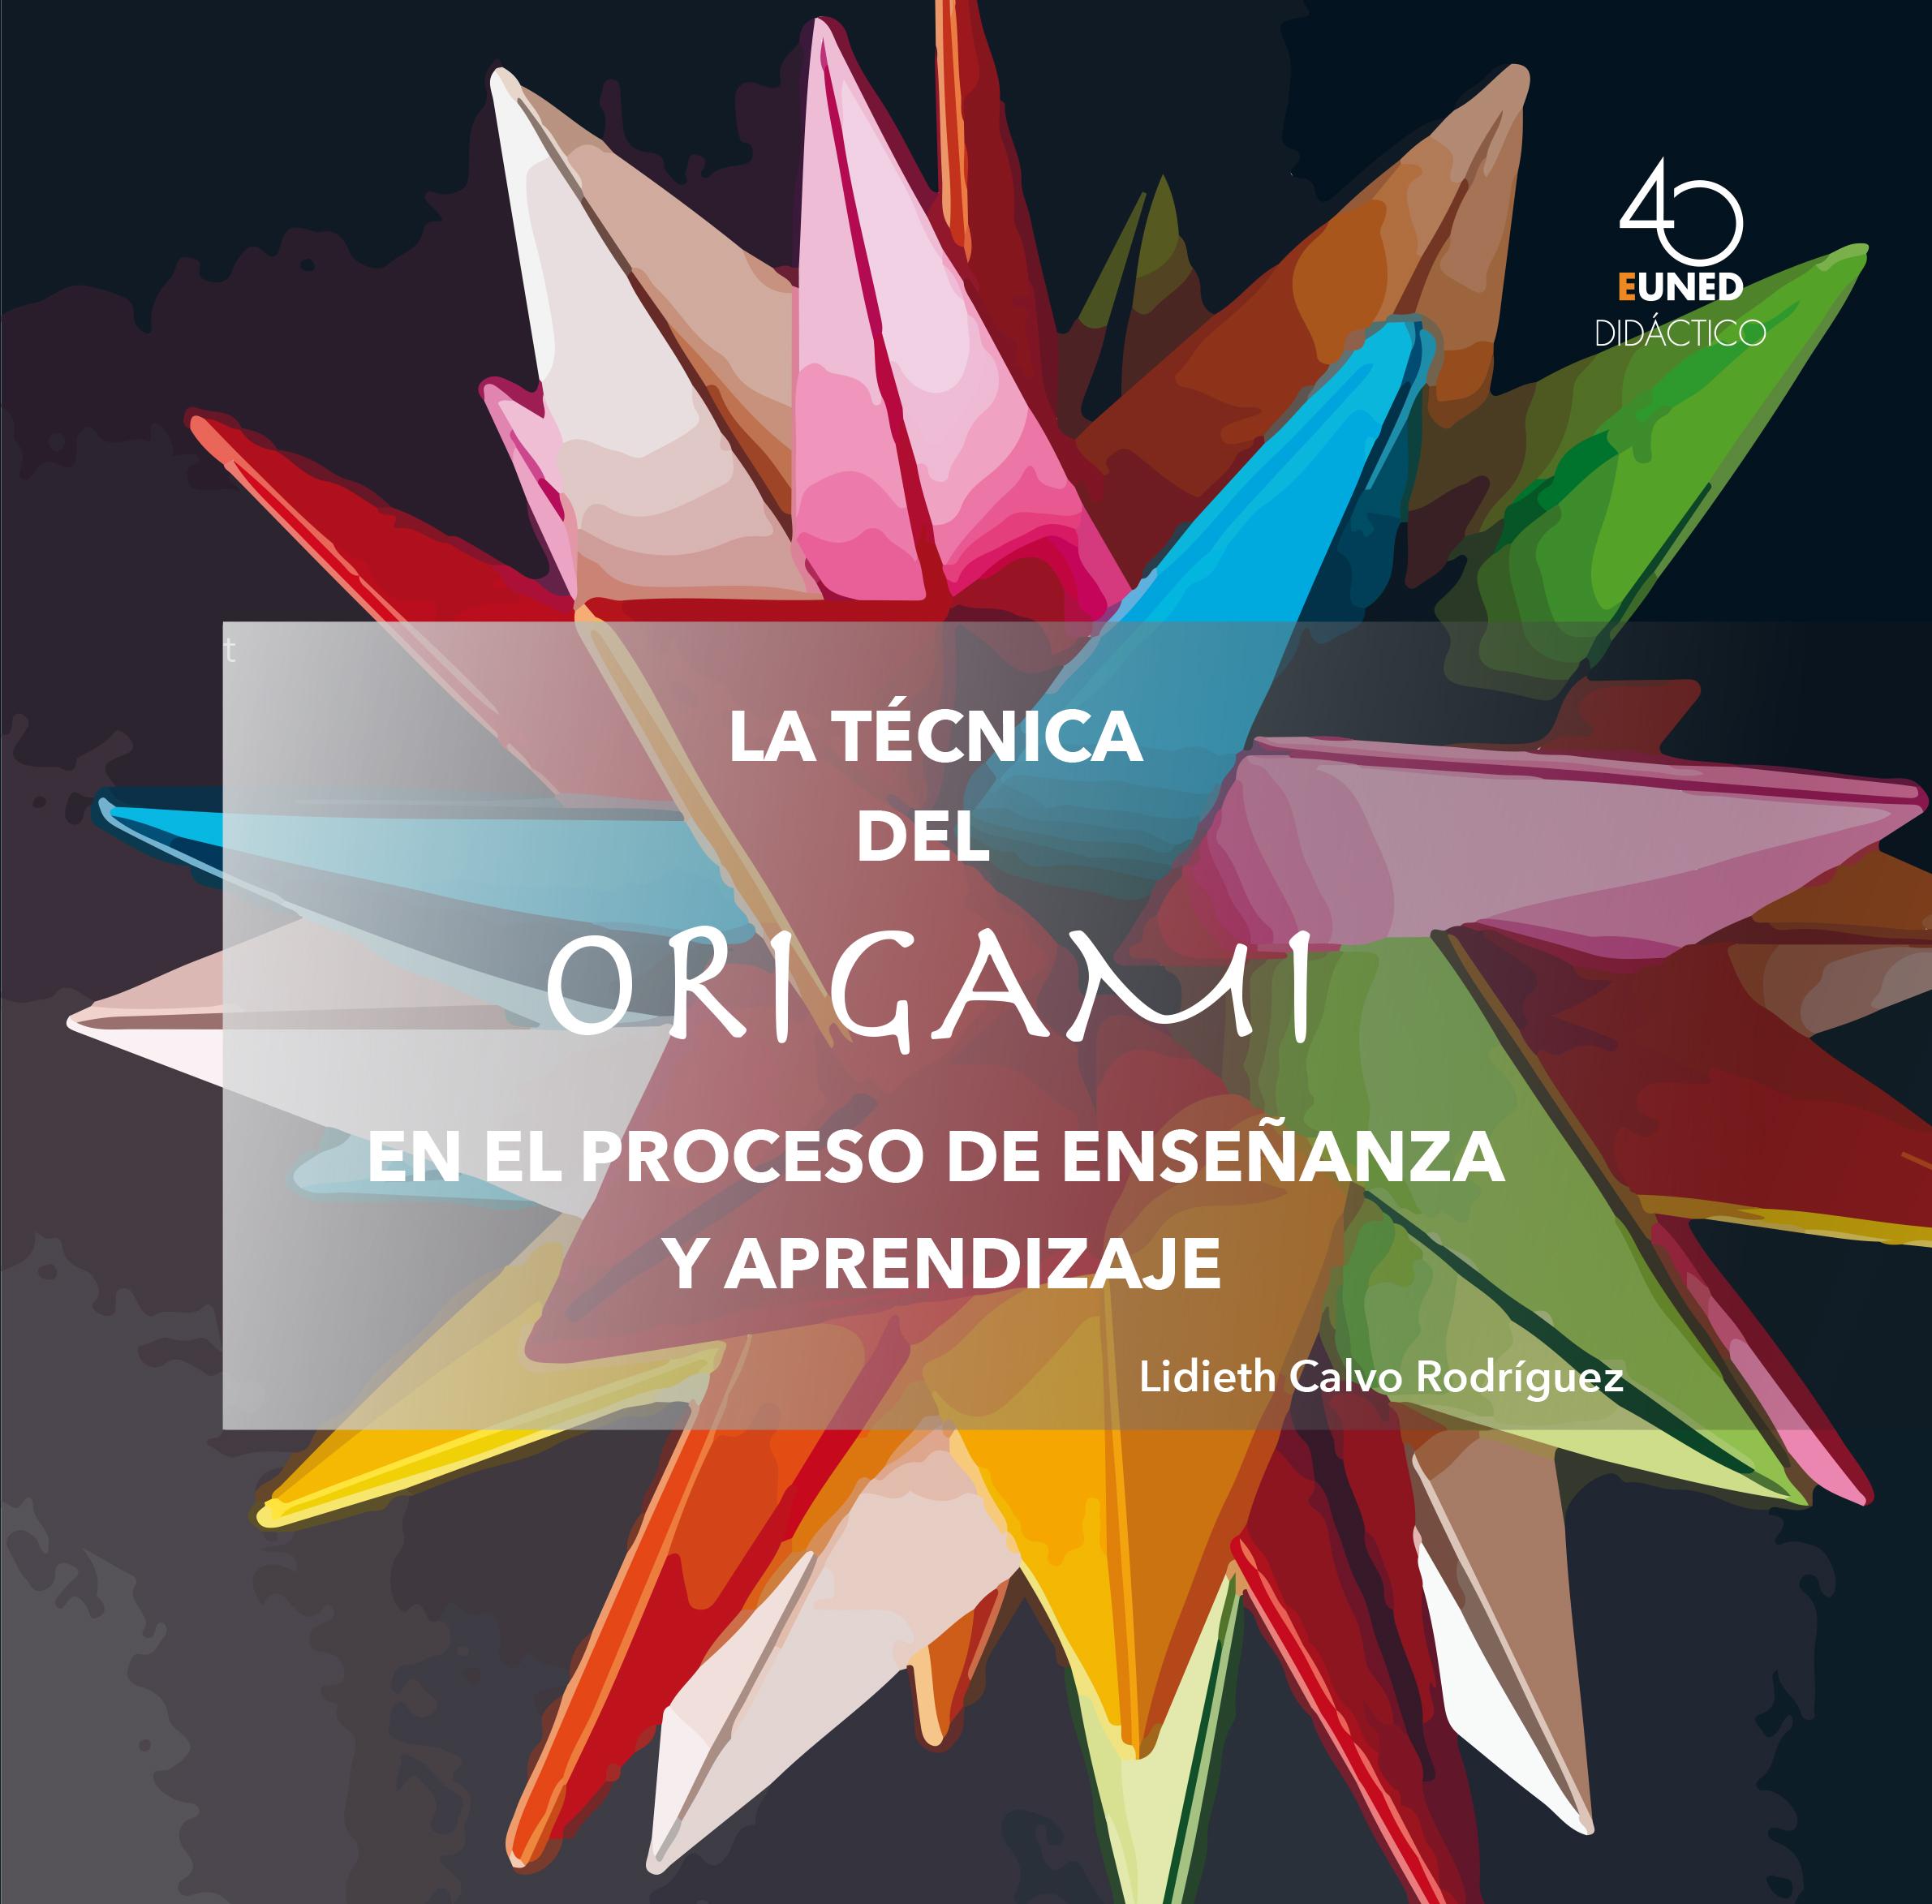 La técnica del origami en el proceso de enseñanza y aprendizaje